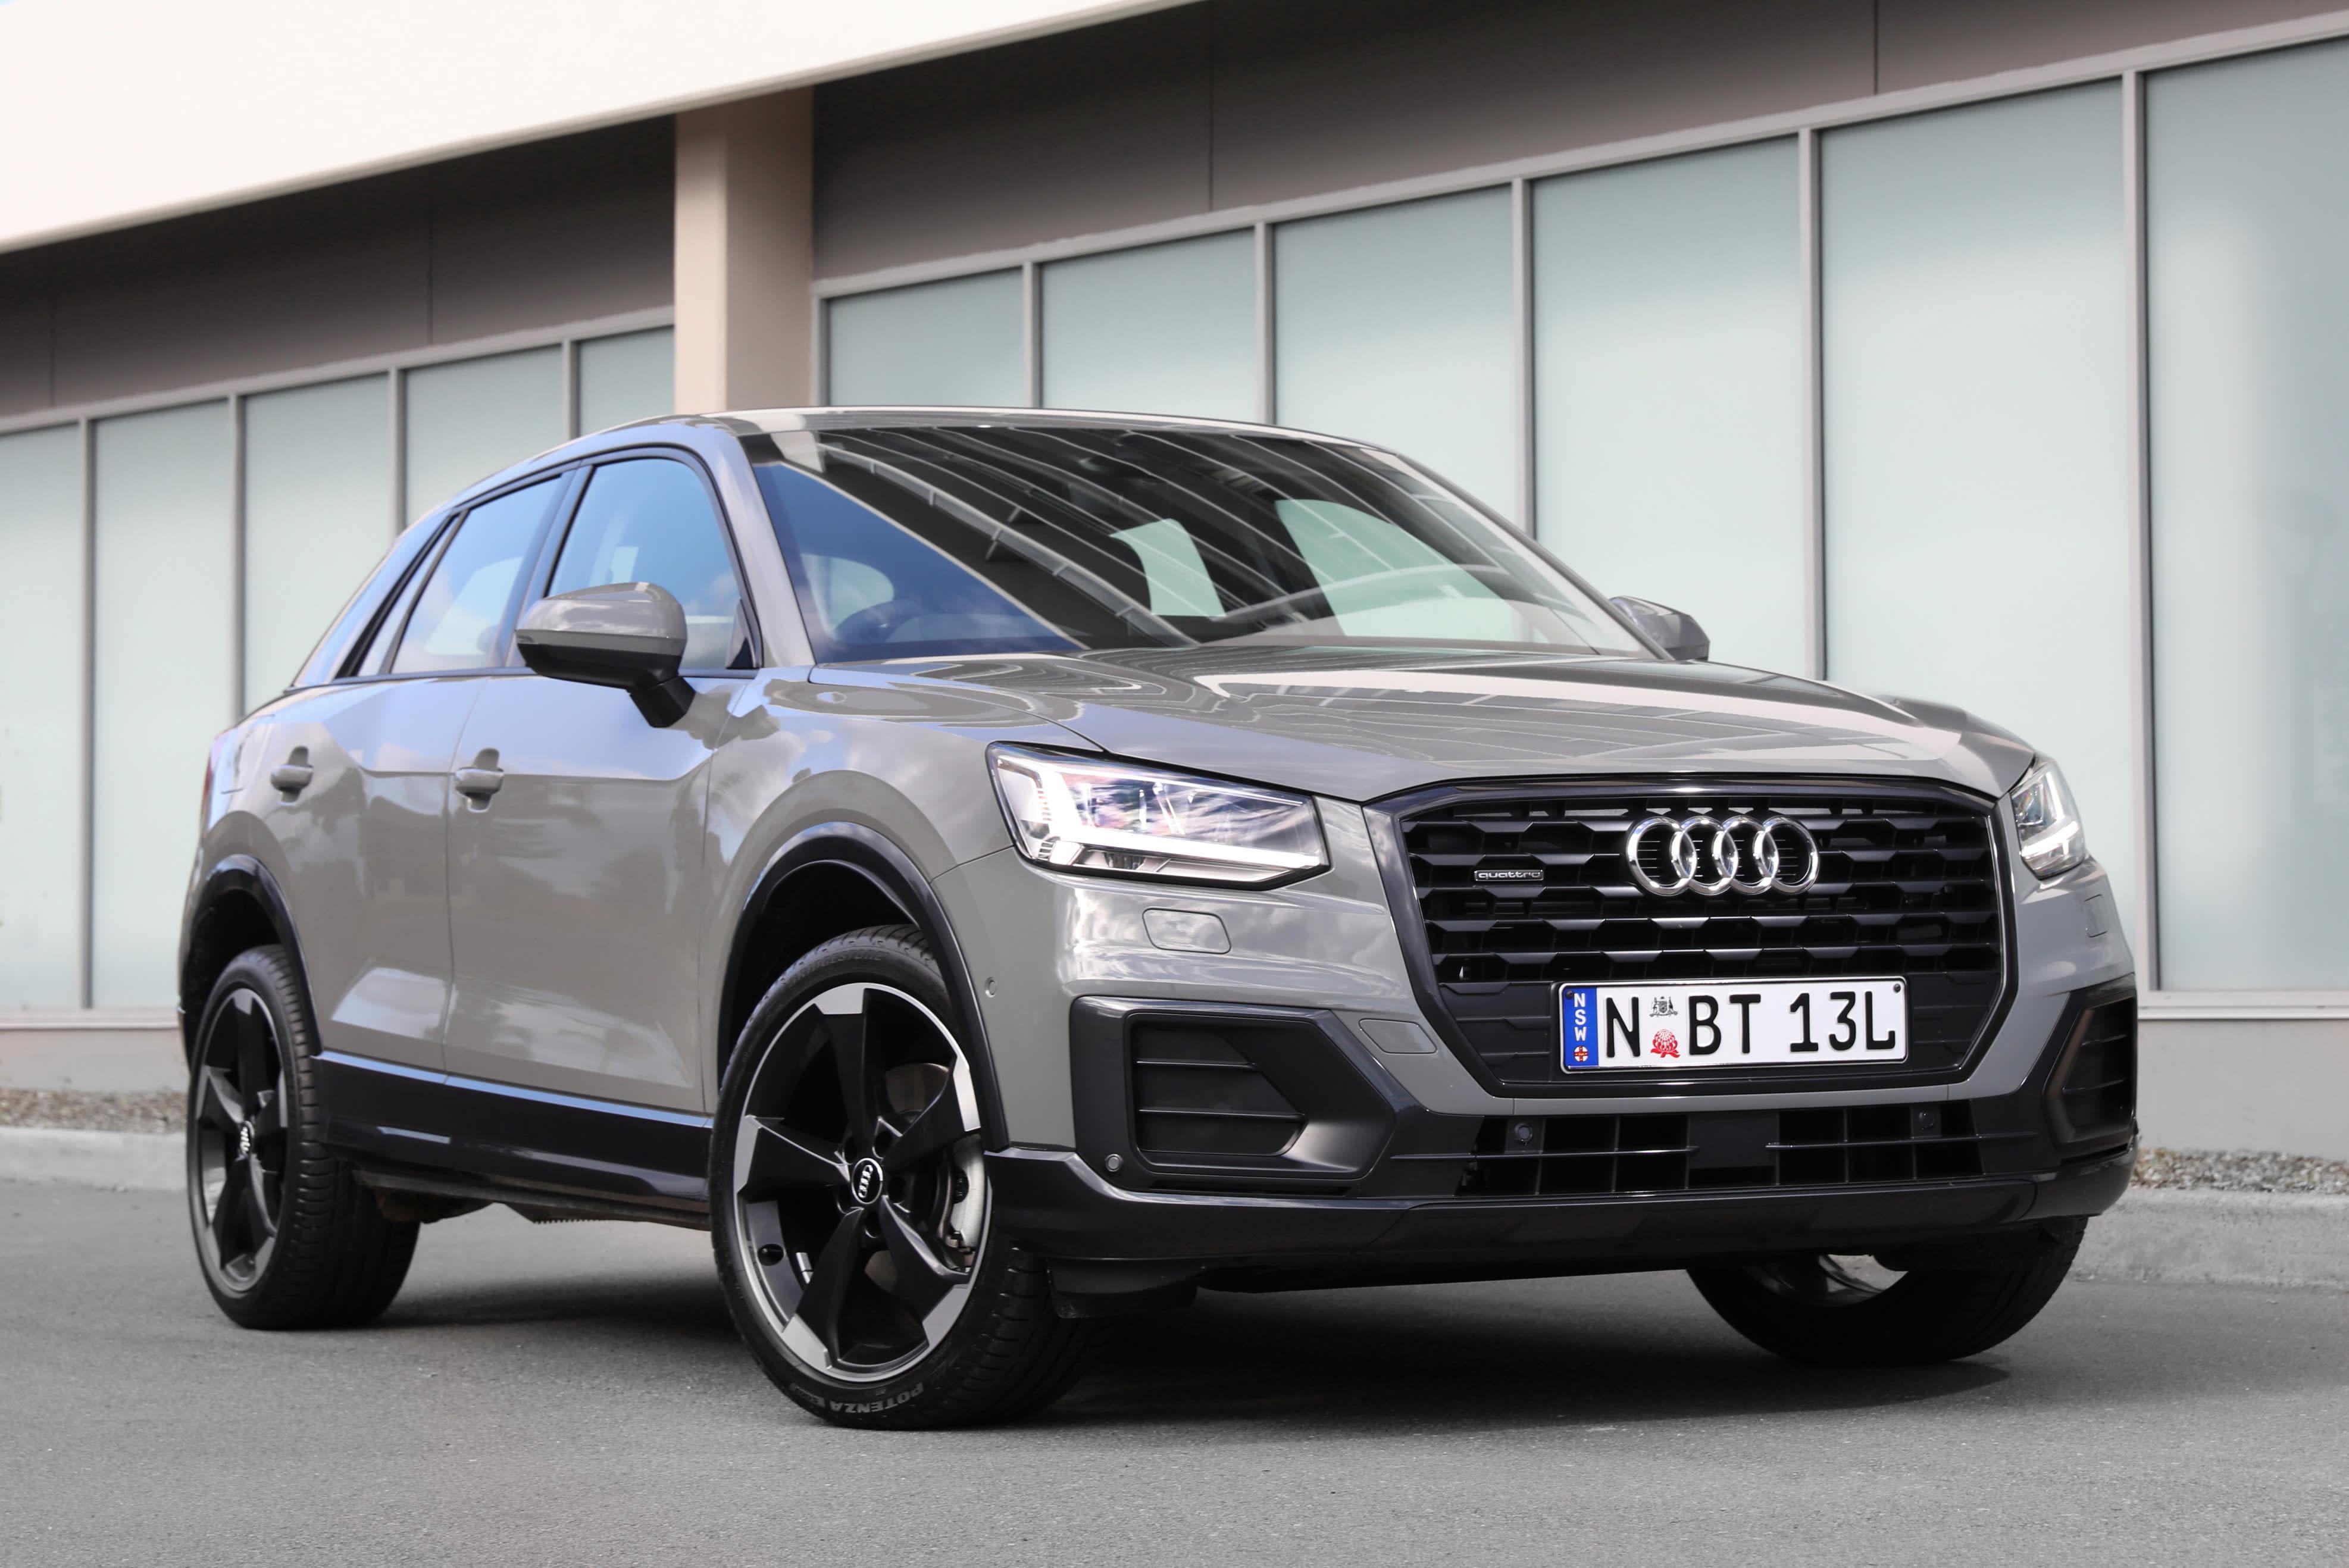 Kekurangan Audi A2 2019 Murah Berkualitas